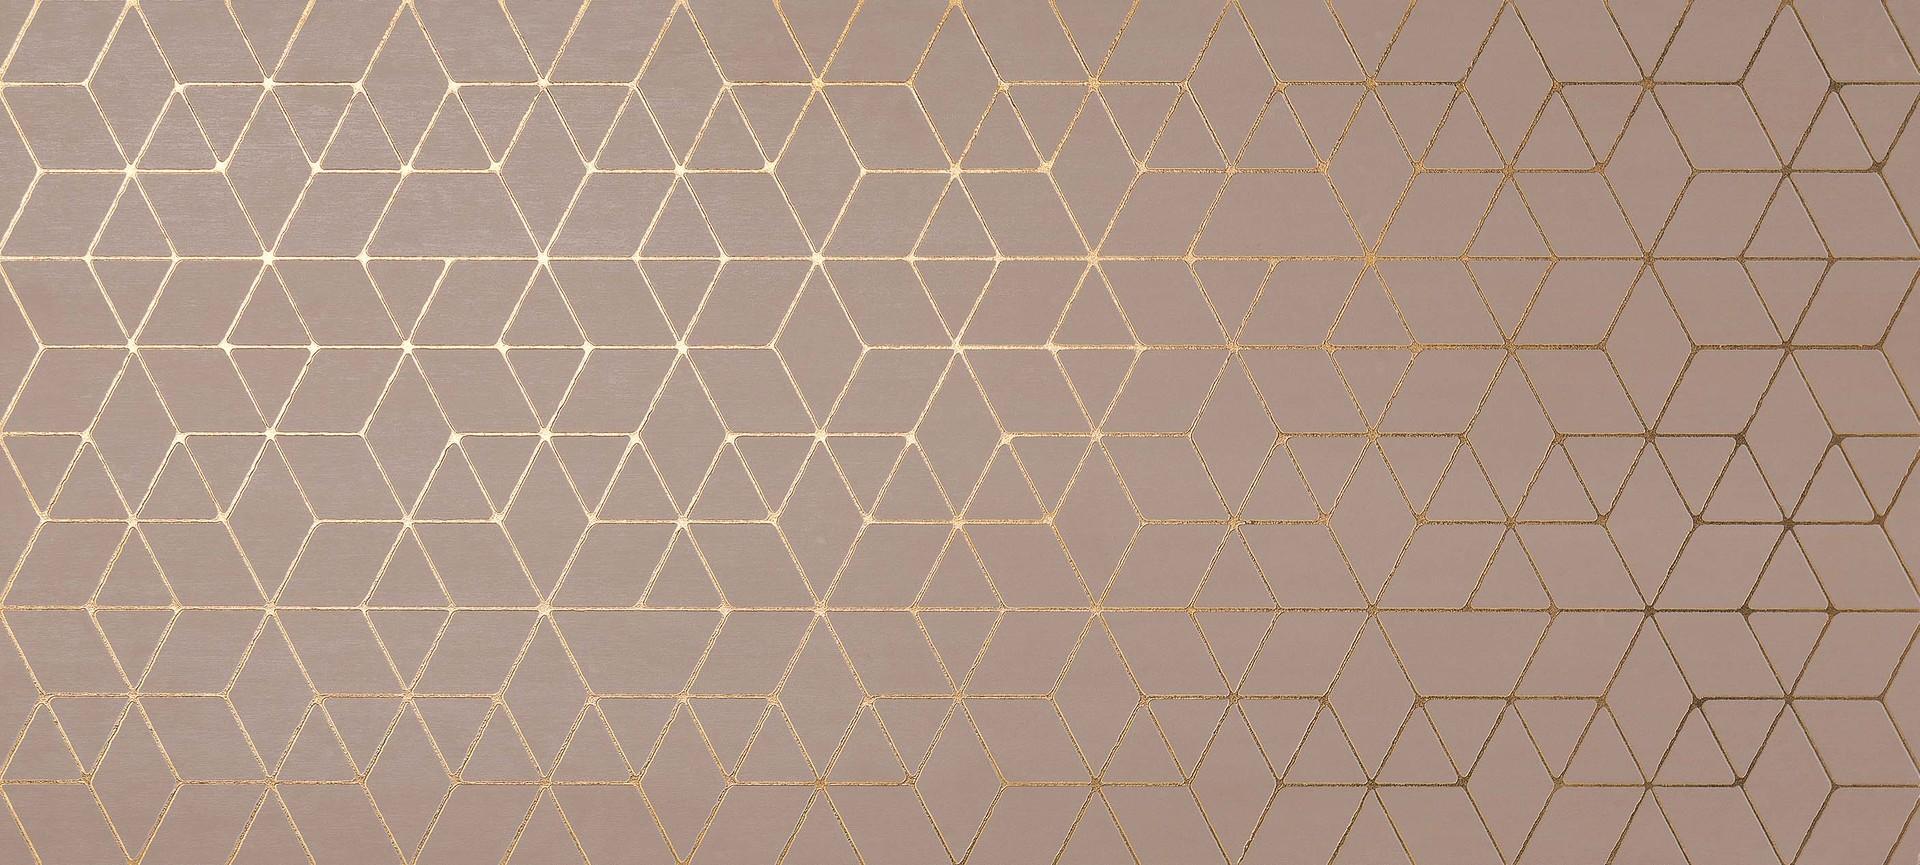 Купить Керамическая плитка Atlas Concorde MEK Rose Hexagon 26227 декор 50х110, Италия